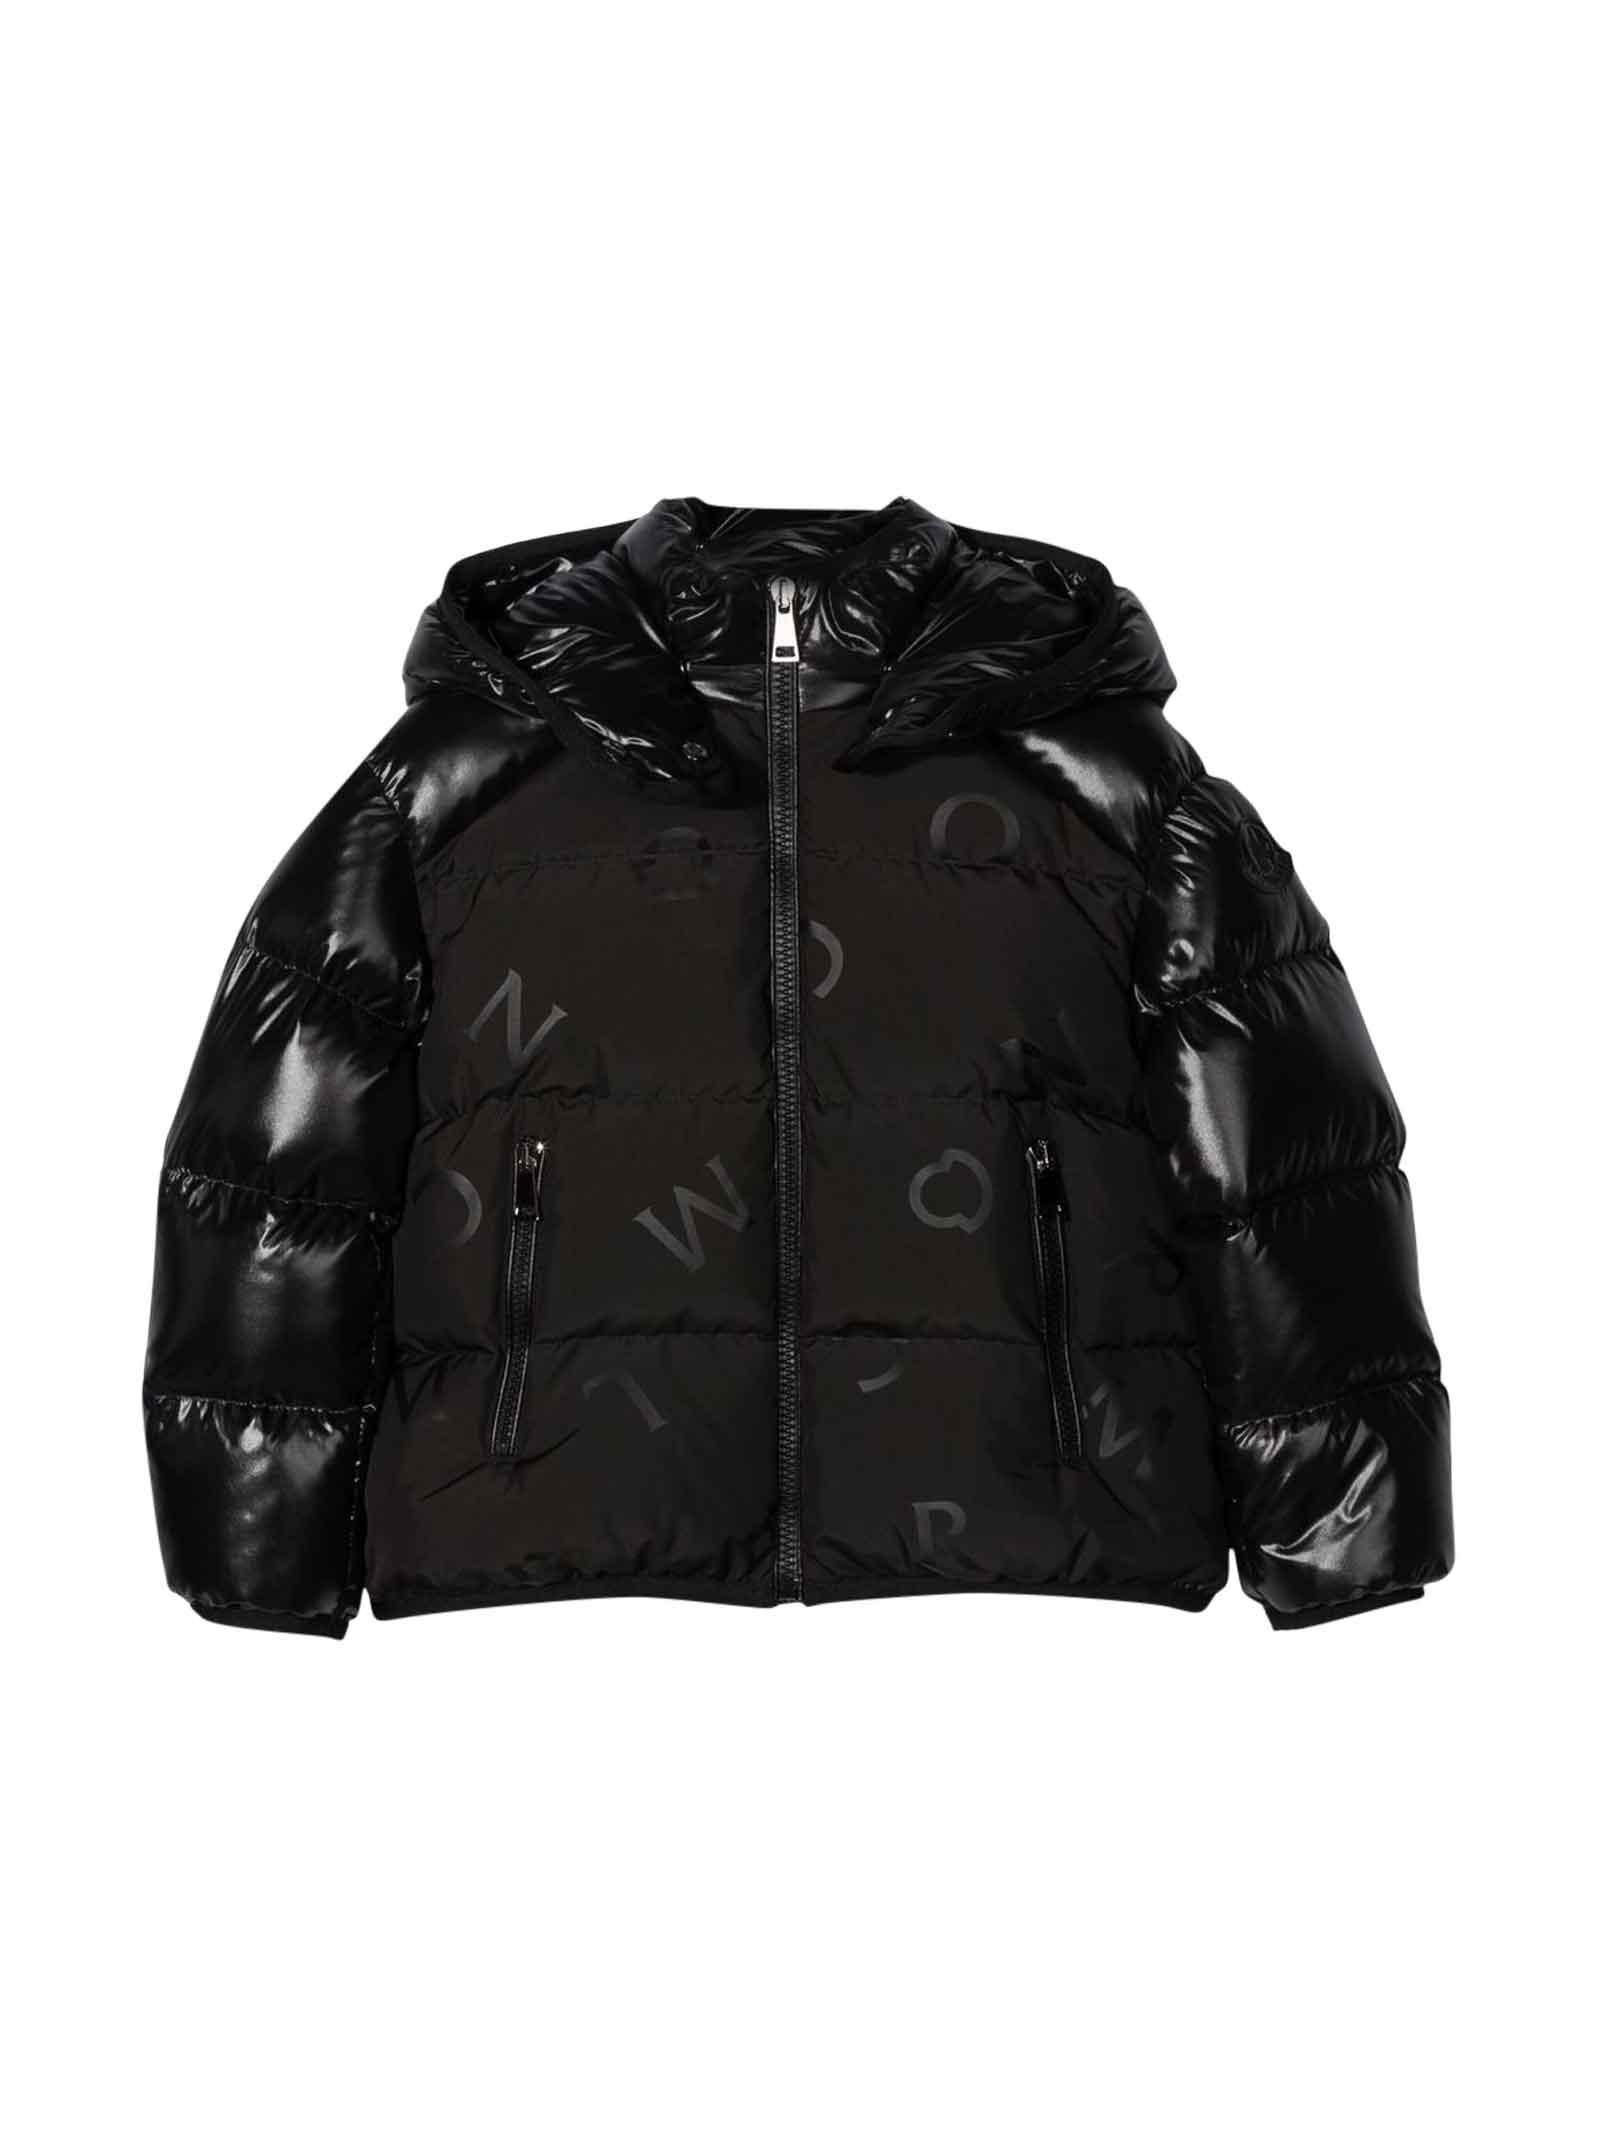 Moncler Moncler Enfant Unisex Black Down Jacket